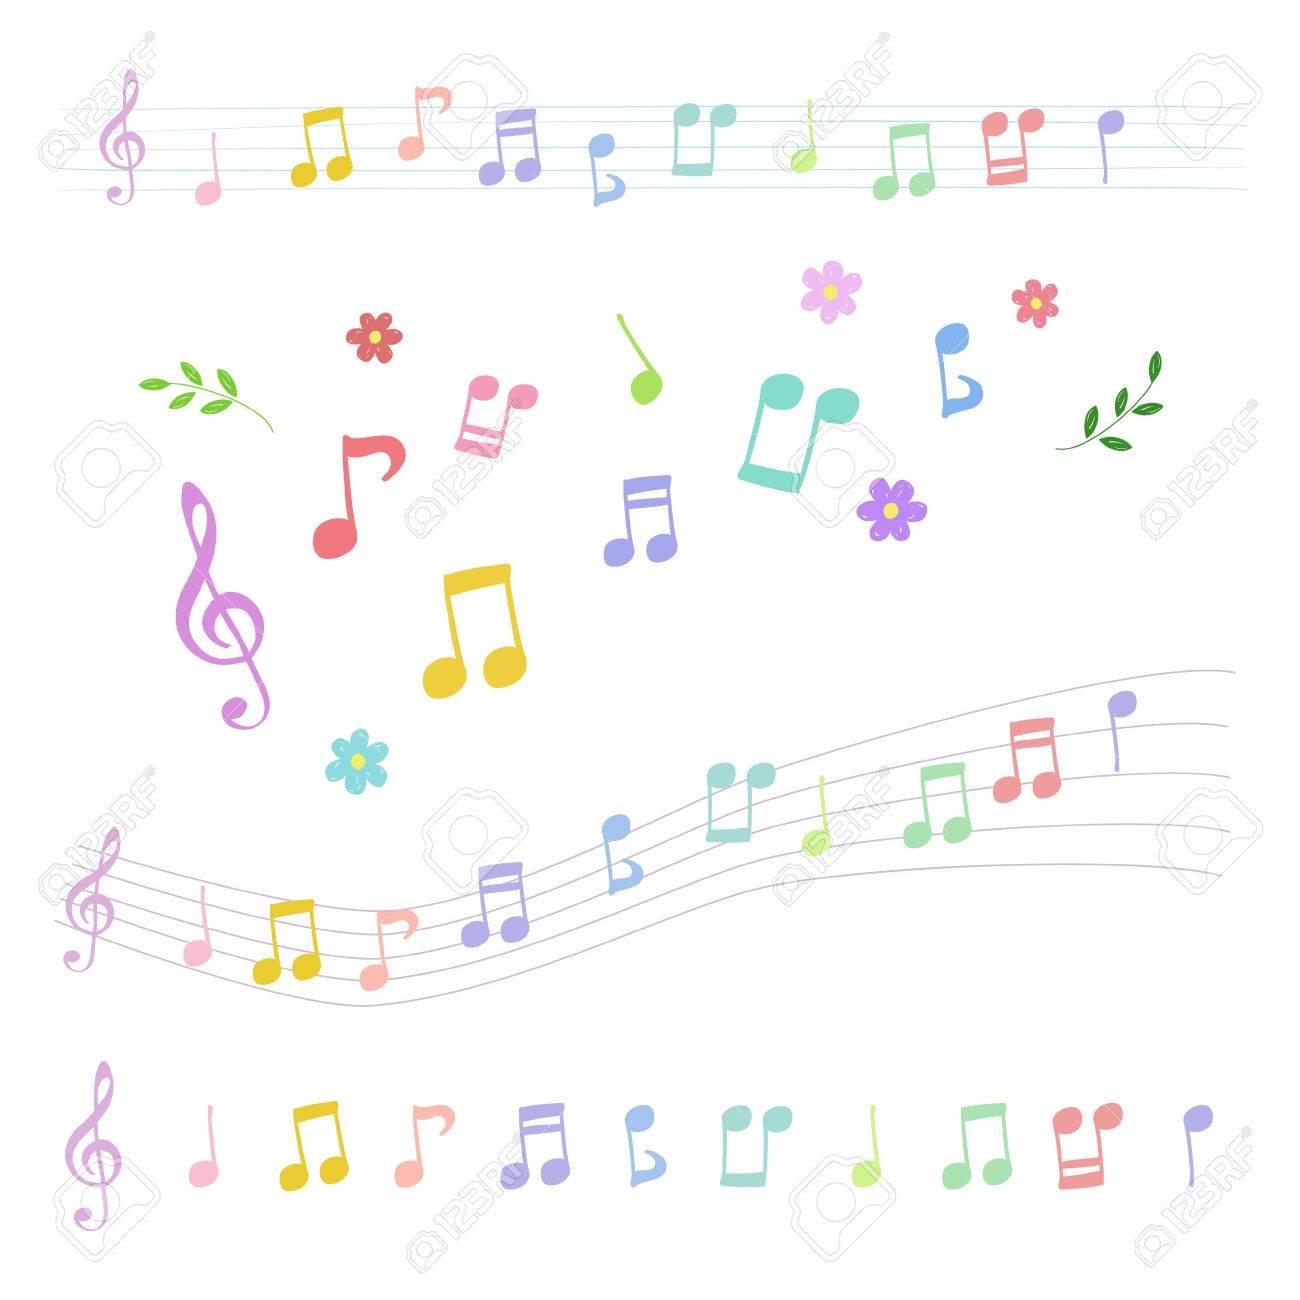 手描きスタイルのカラフルな音符のセットのイラスト素材ベクタ Image